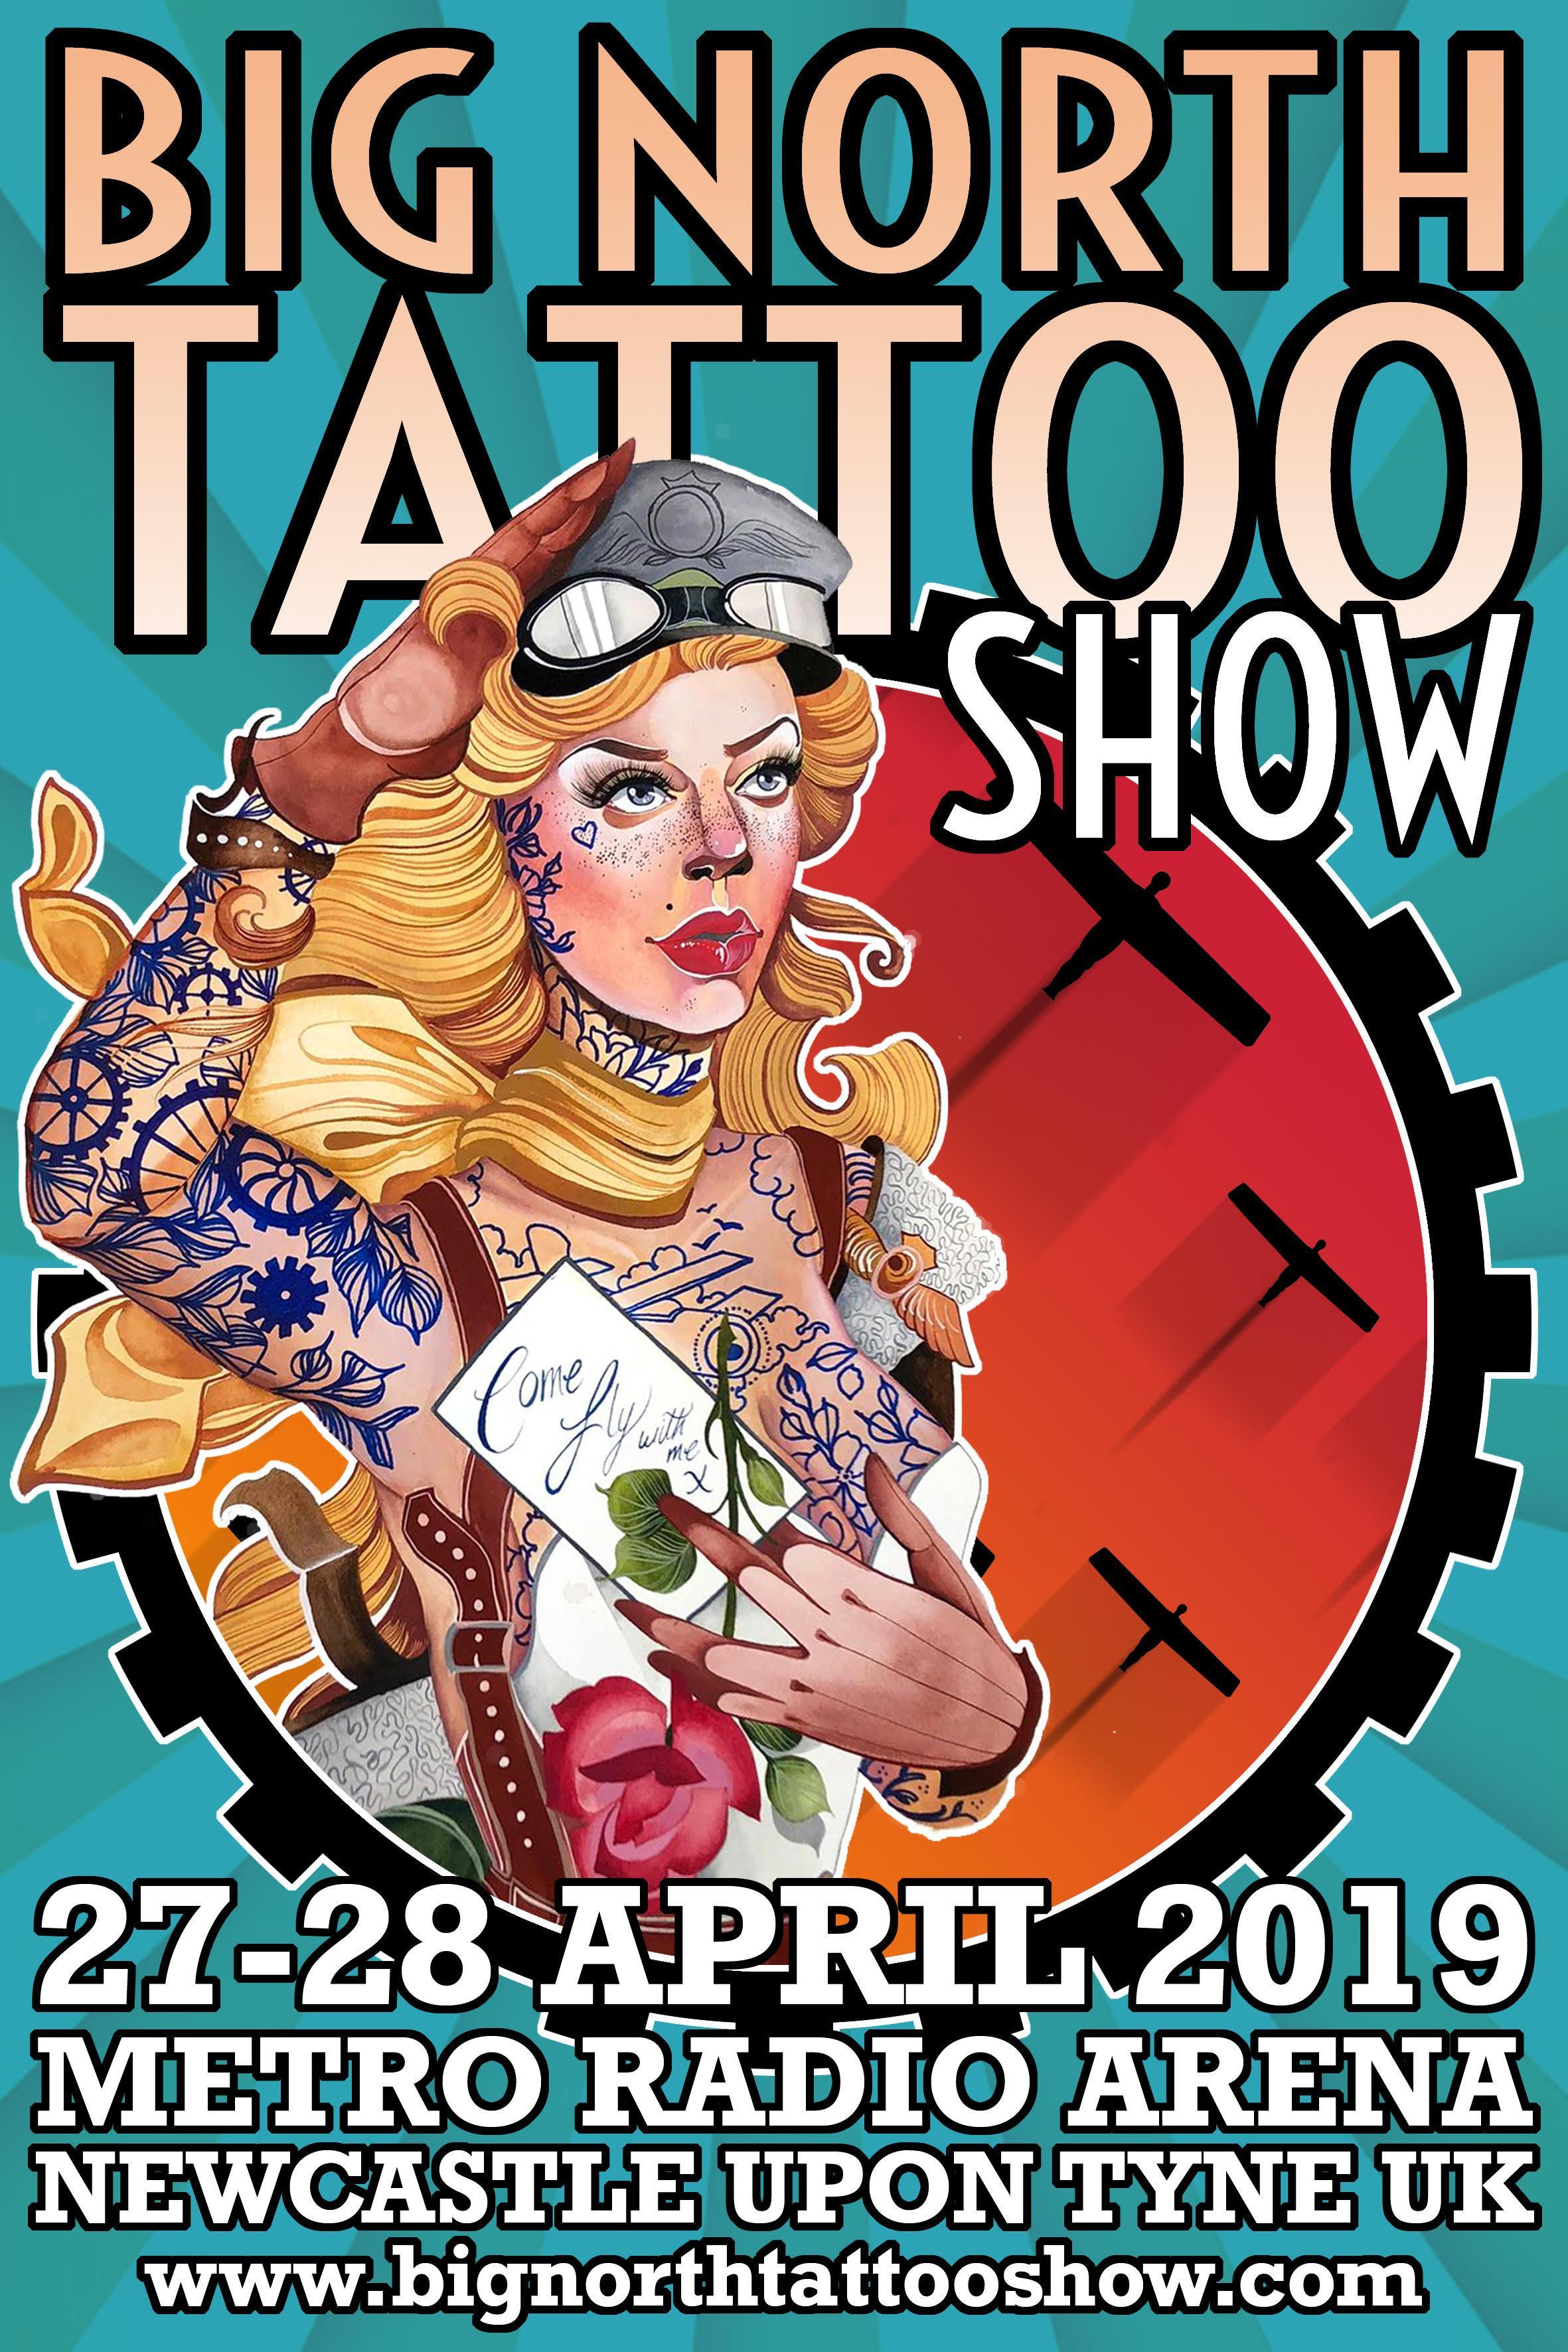 Big North Tattoo Show 2019